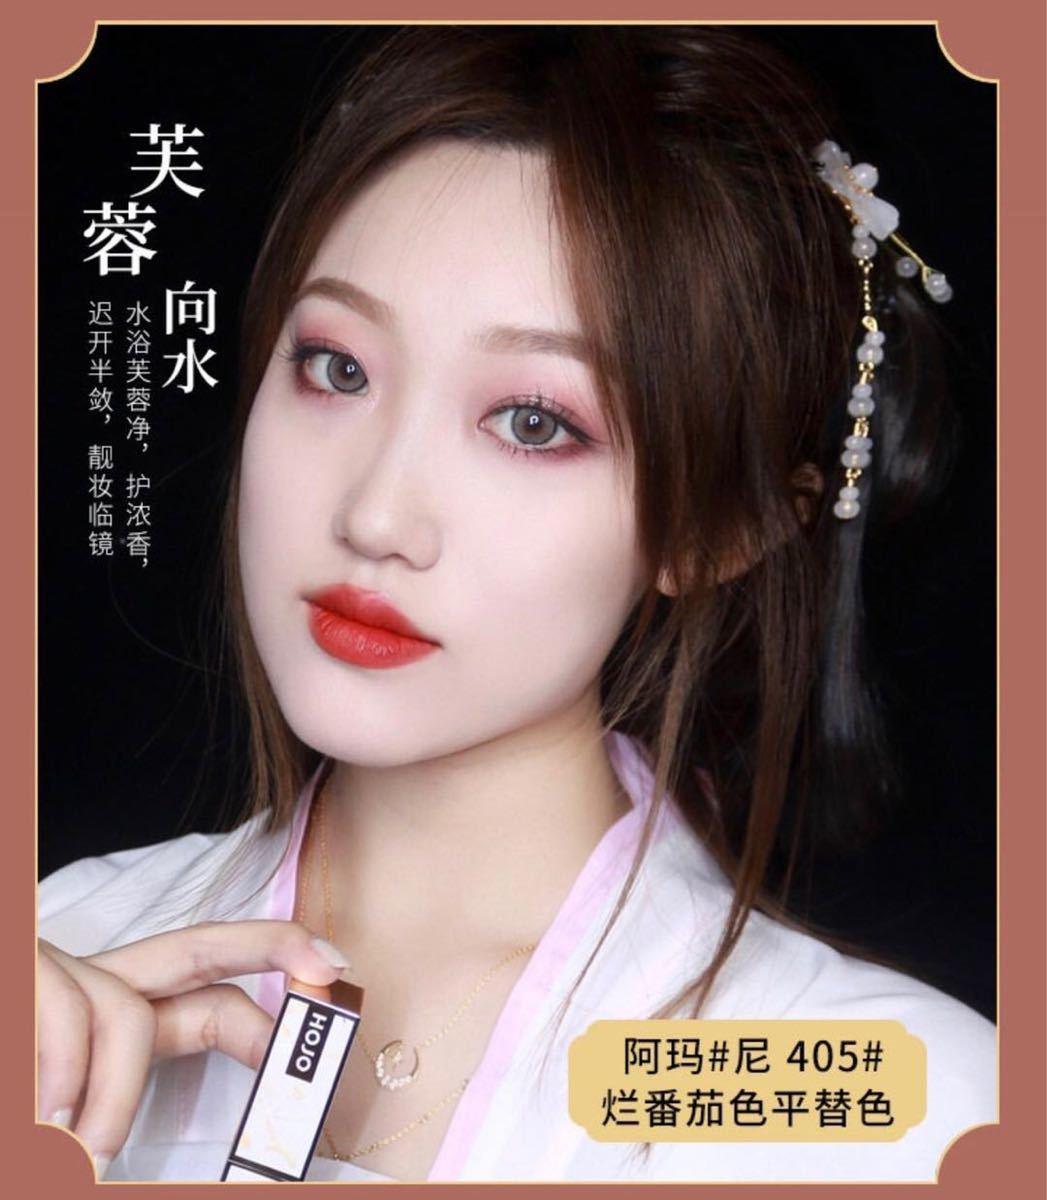 新品 口紅 5本セット 中国コスメ マット チャイボーグ 赤 hojo